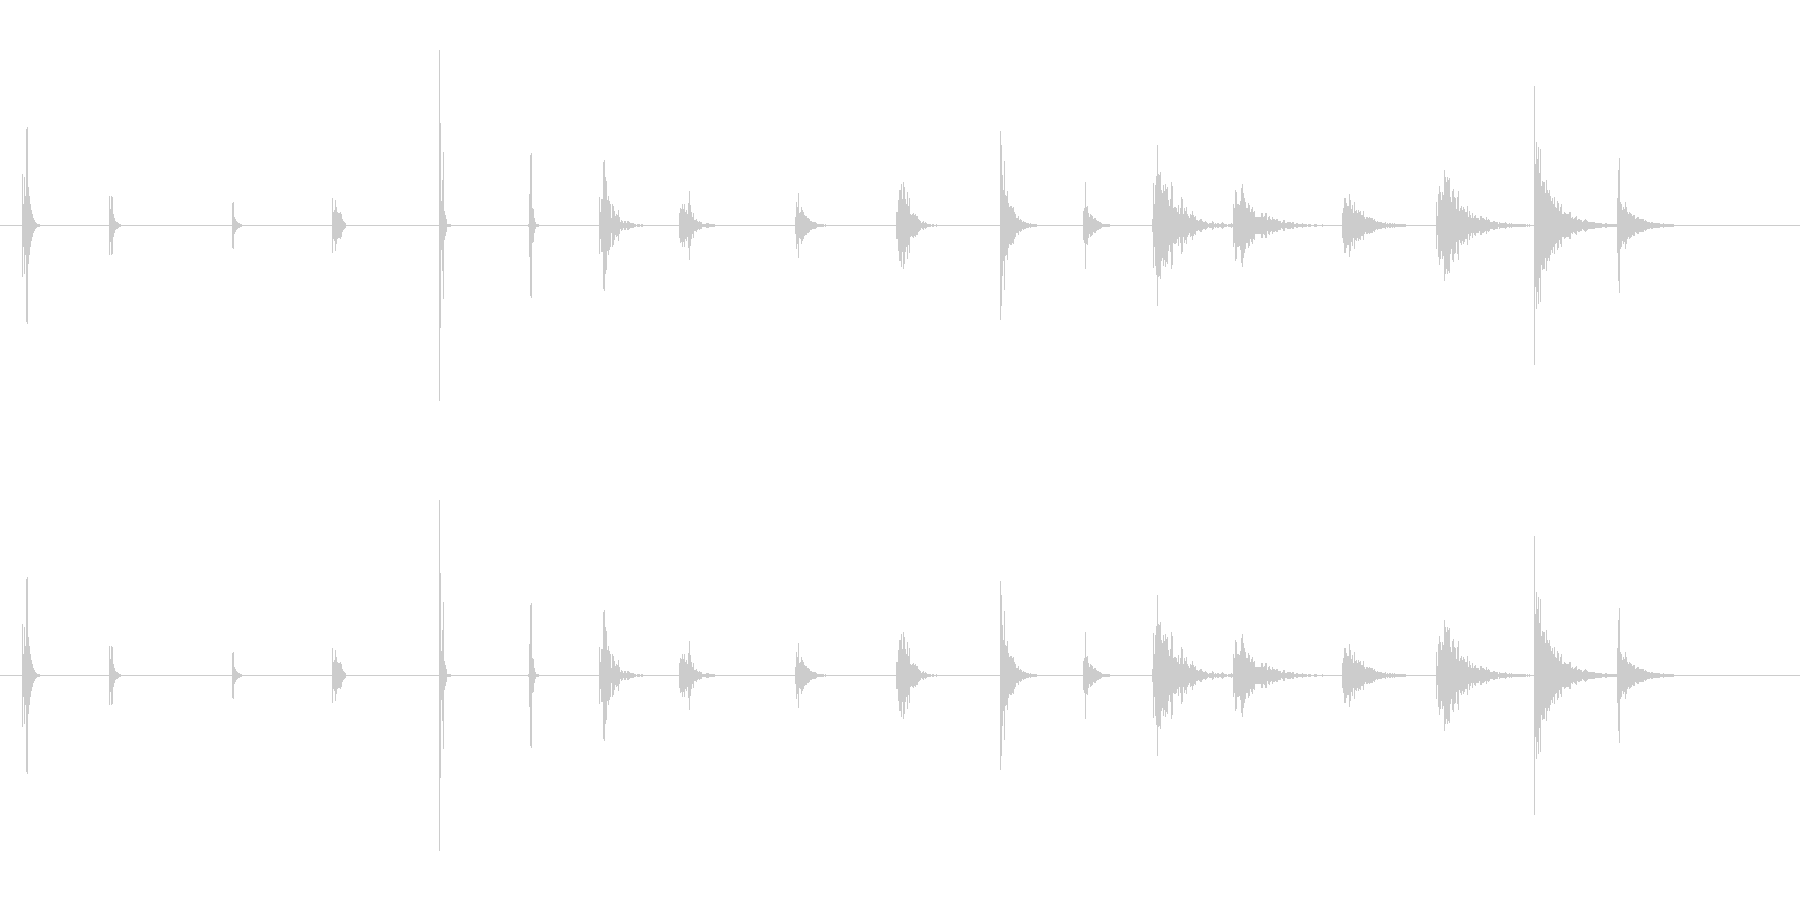 ピープ音とビープ音2の未再生の波形